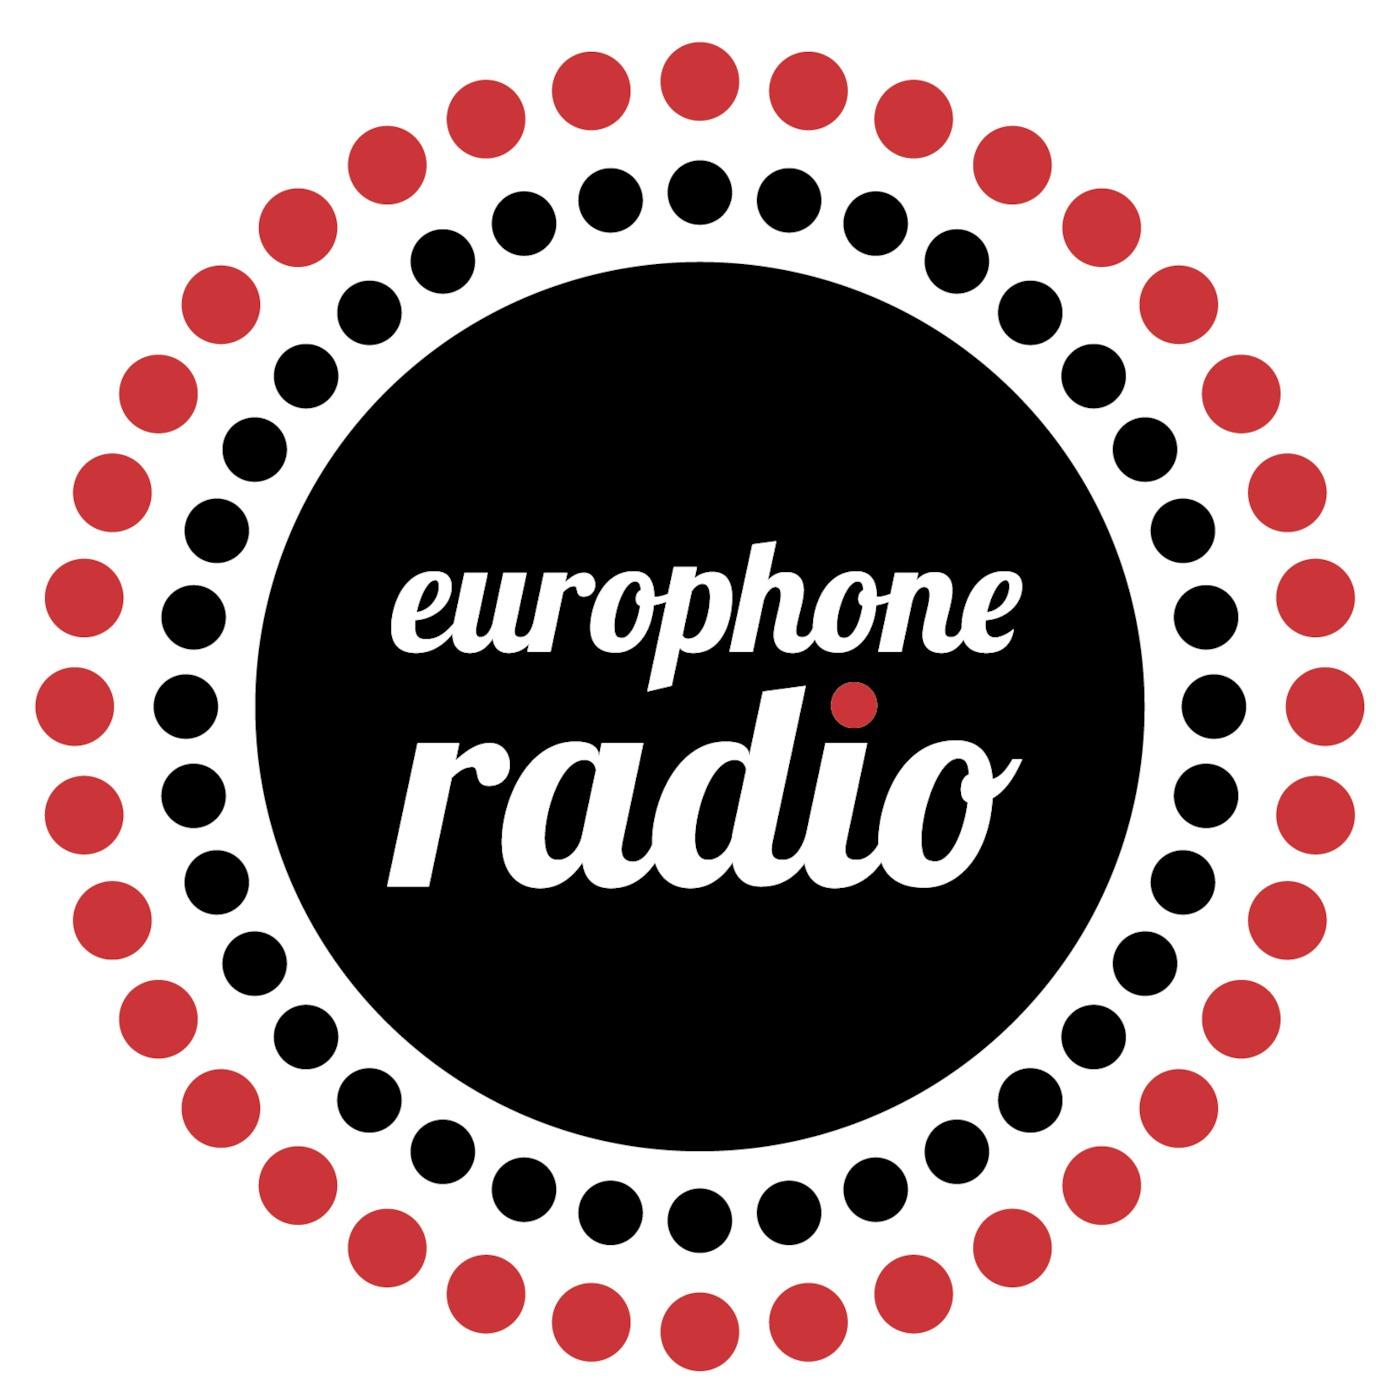 Europhone Radio